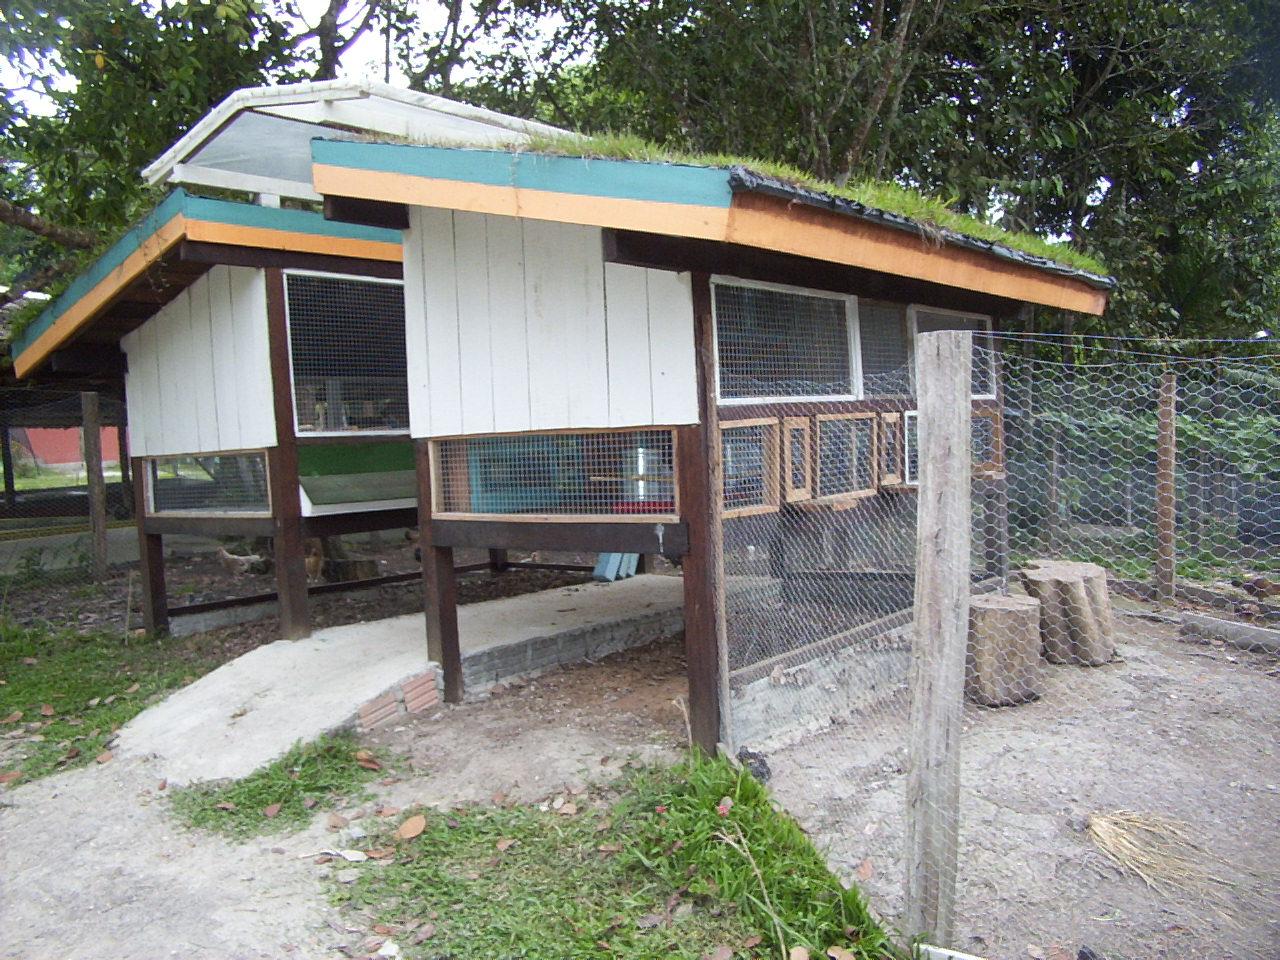 banco bradesco jardim londres campinas:Caboclo no Amazonas inspirou a tecnologia